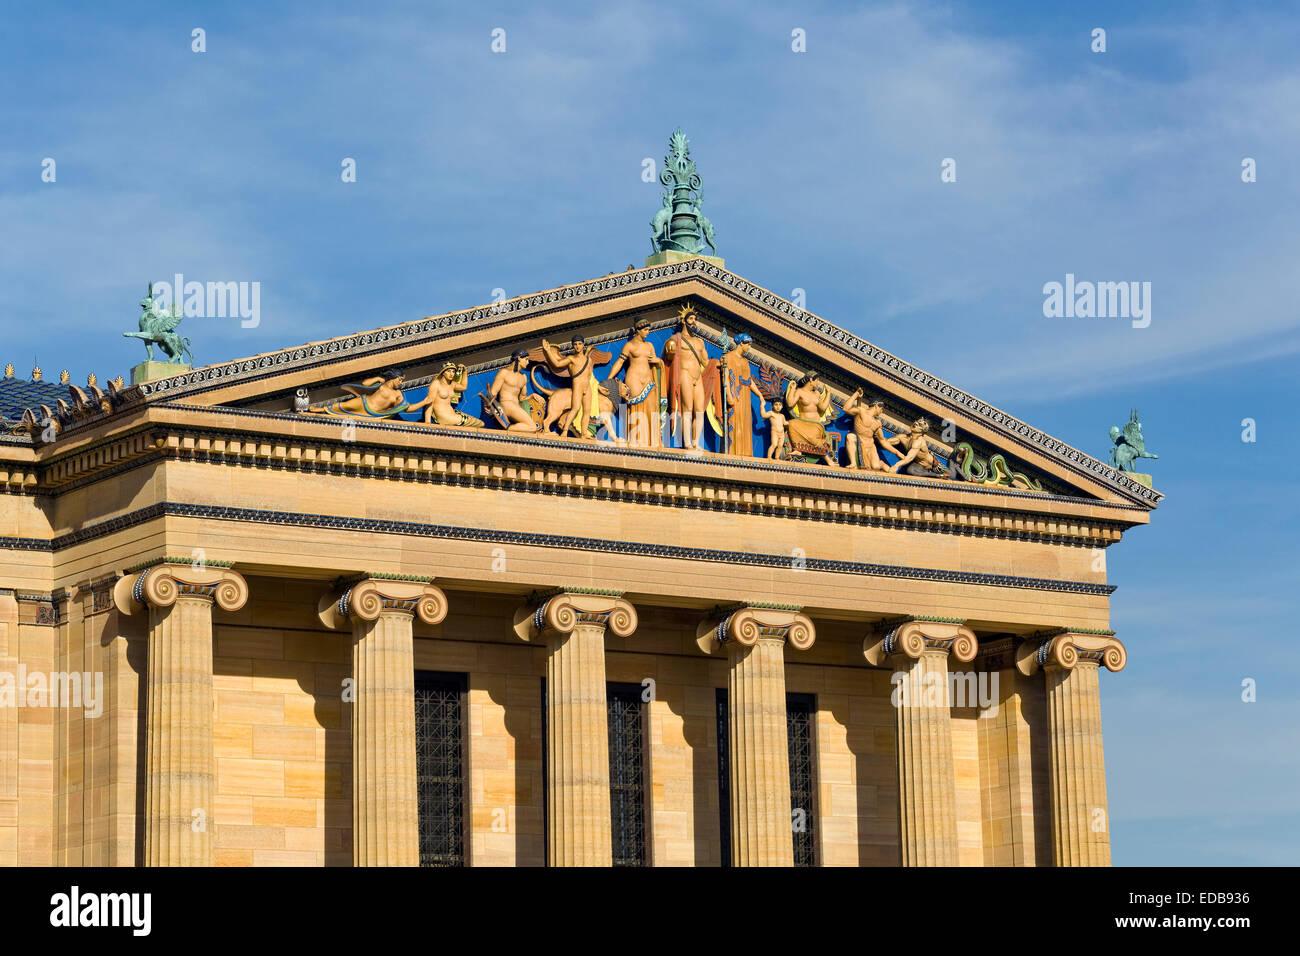 Philadelphia Museum of Art, architektonisches Detail am Gebäude außen, Philadelphia, Pennsylvania Stockbild